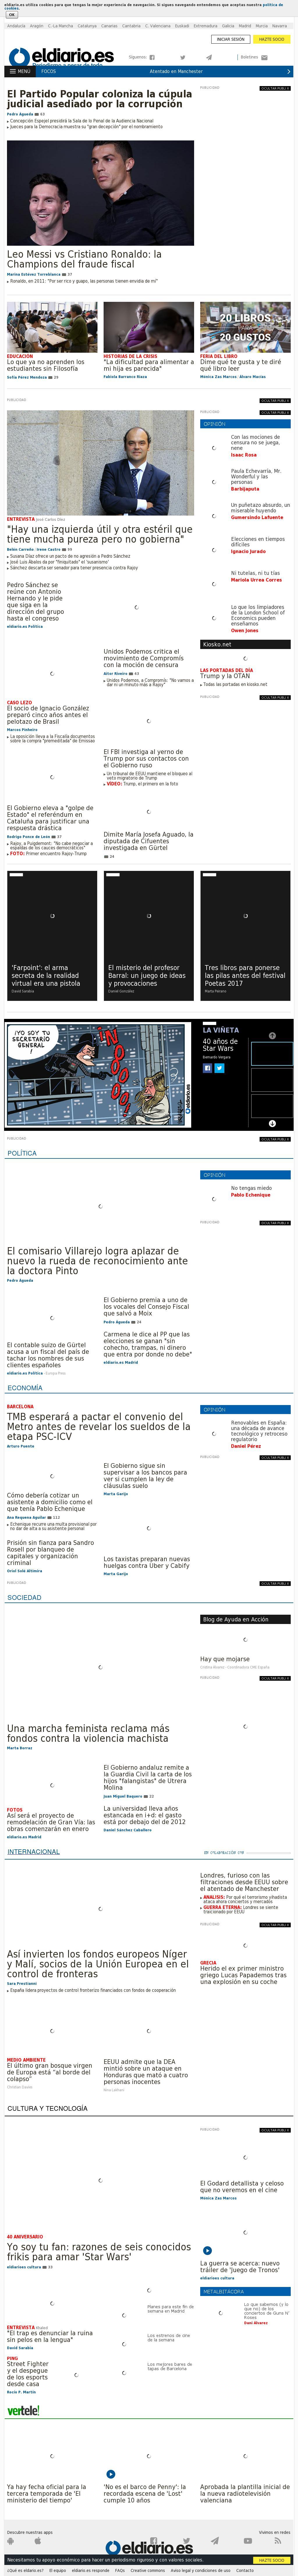 El Diario at Friday May 26, 2017, 9:06 a.m. UTC